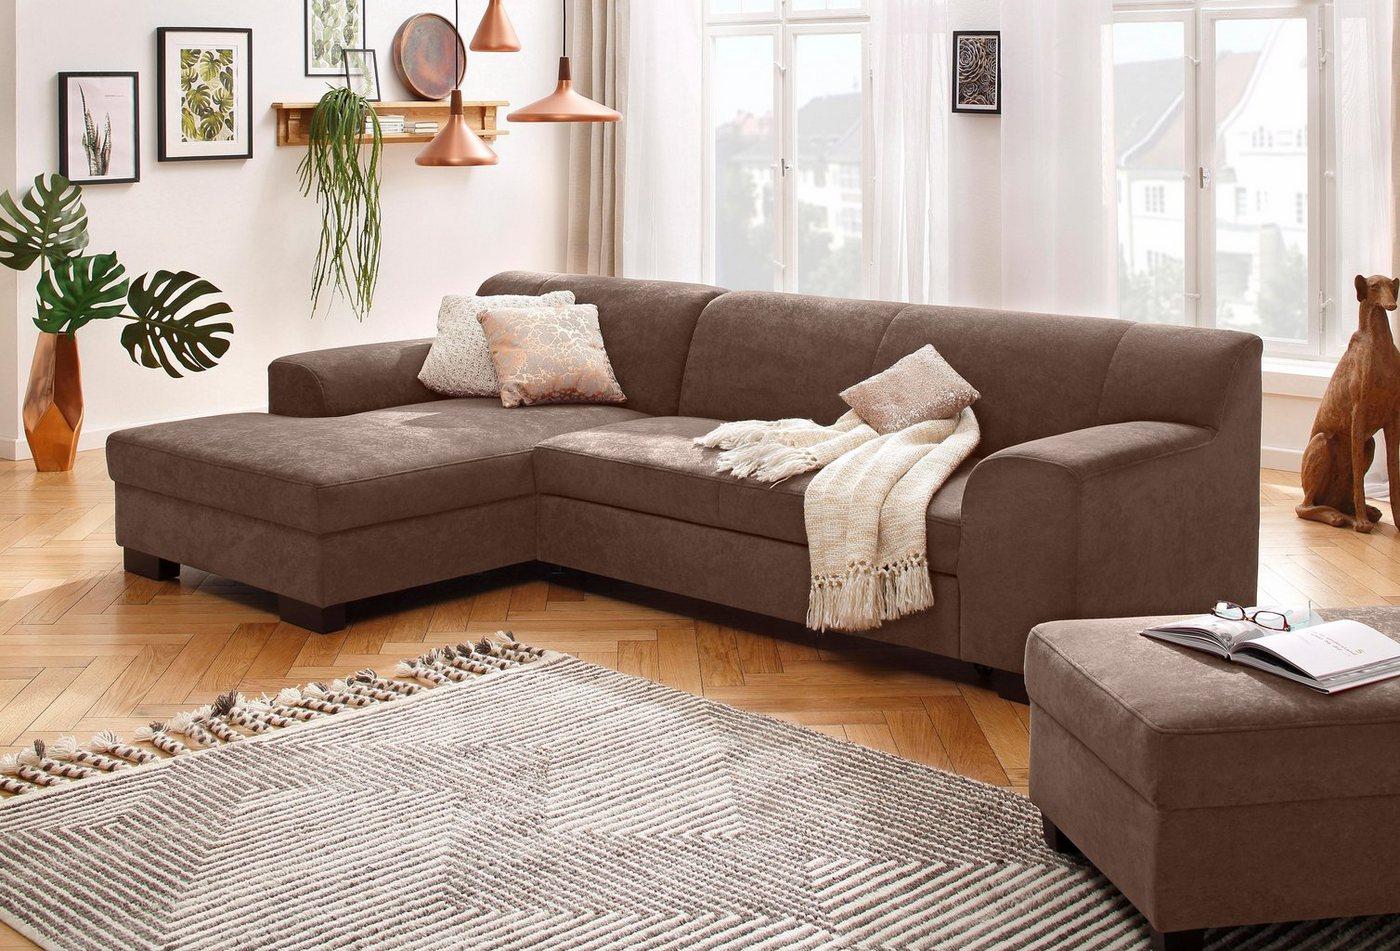 Home affaire Ecksofa »Wanda«, wahlweise mit Bettfunktion in 4 Bezugsarten | Wohnzimmer > Sofas & Couches > Ecksofas & Eckcouches | Braun | Holzwerkstoff | Home affaire